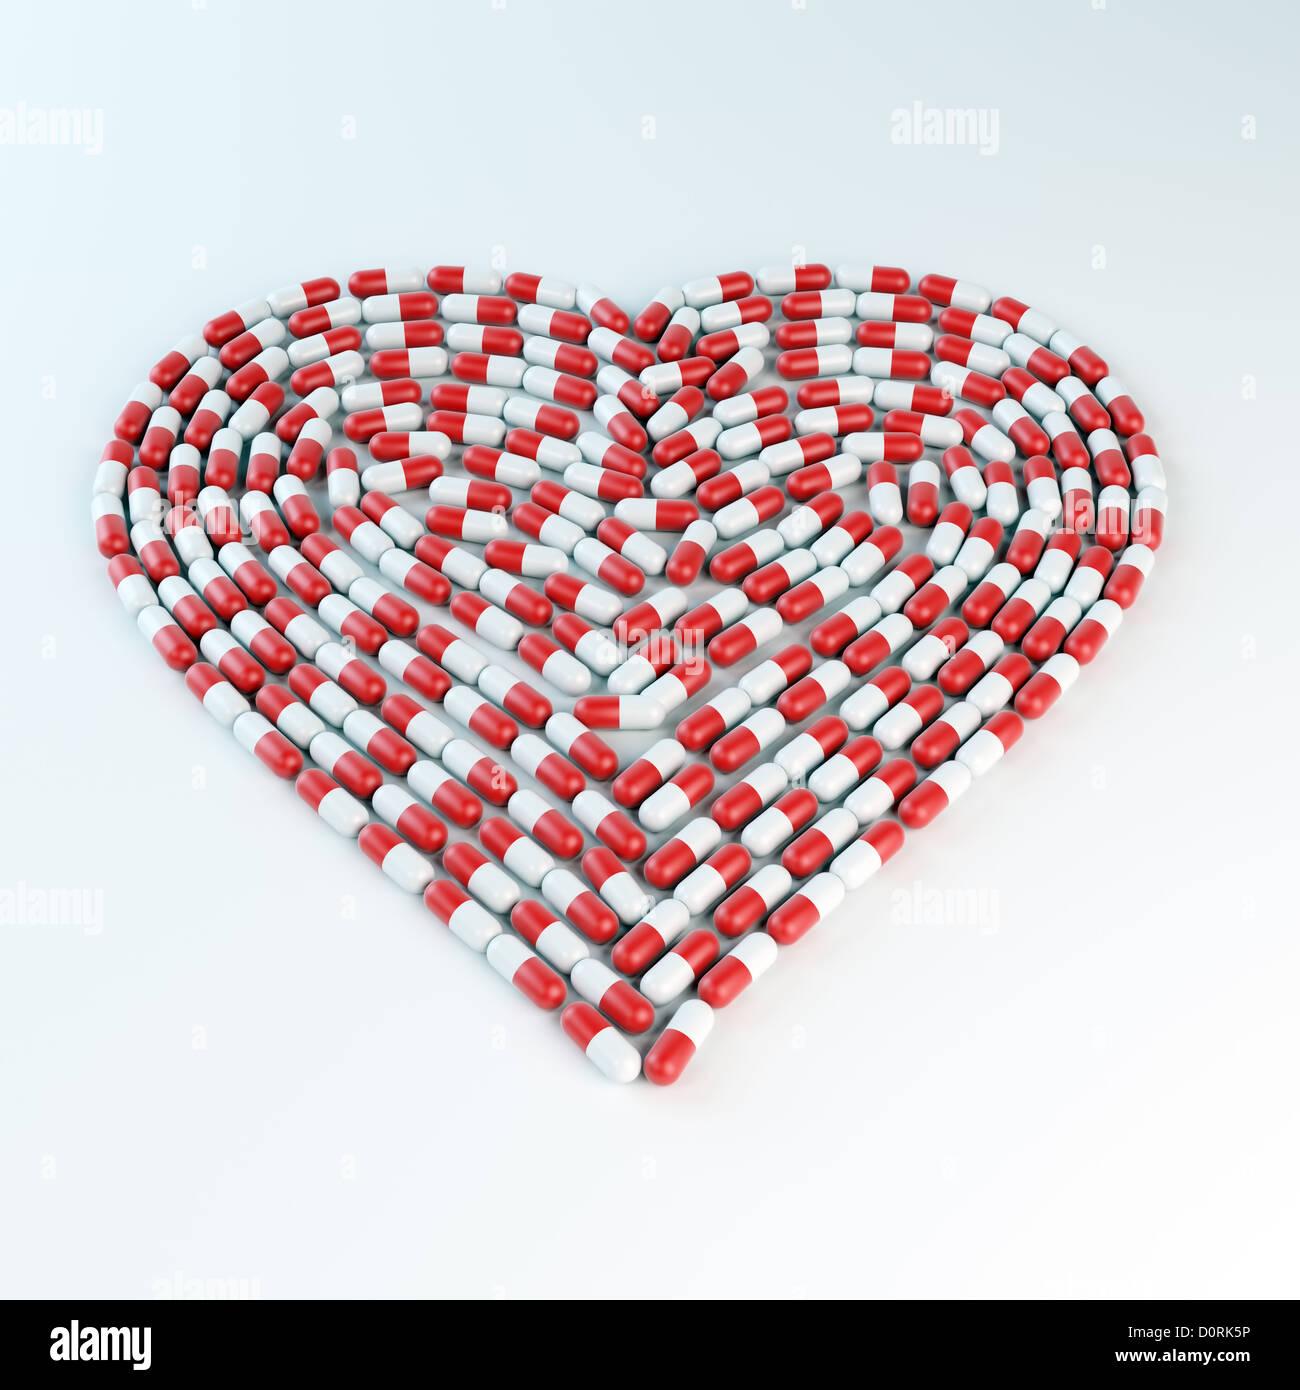 Gélules rouges et blanches formant un cœur shap Photo Stock